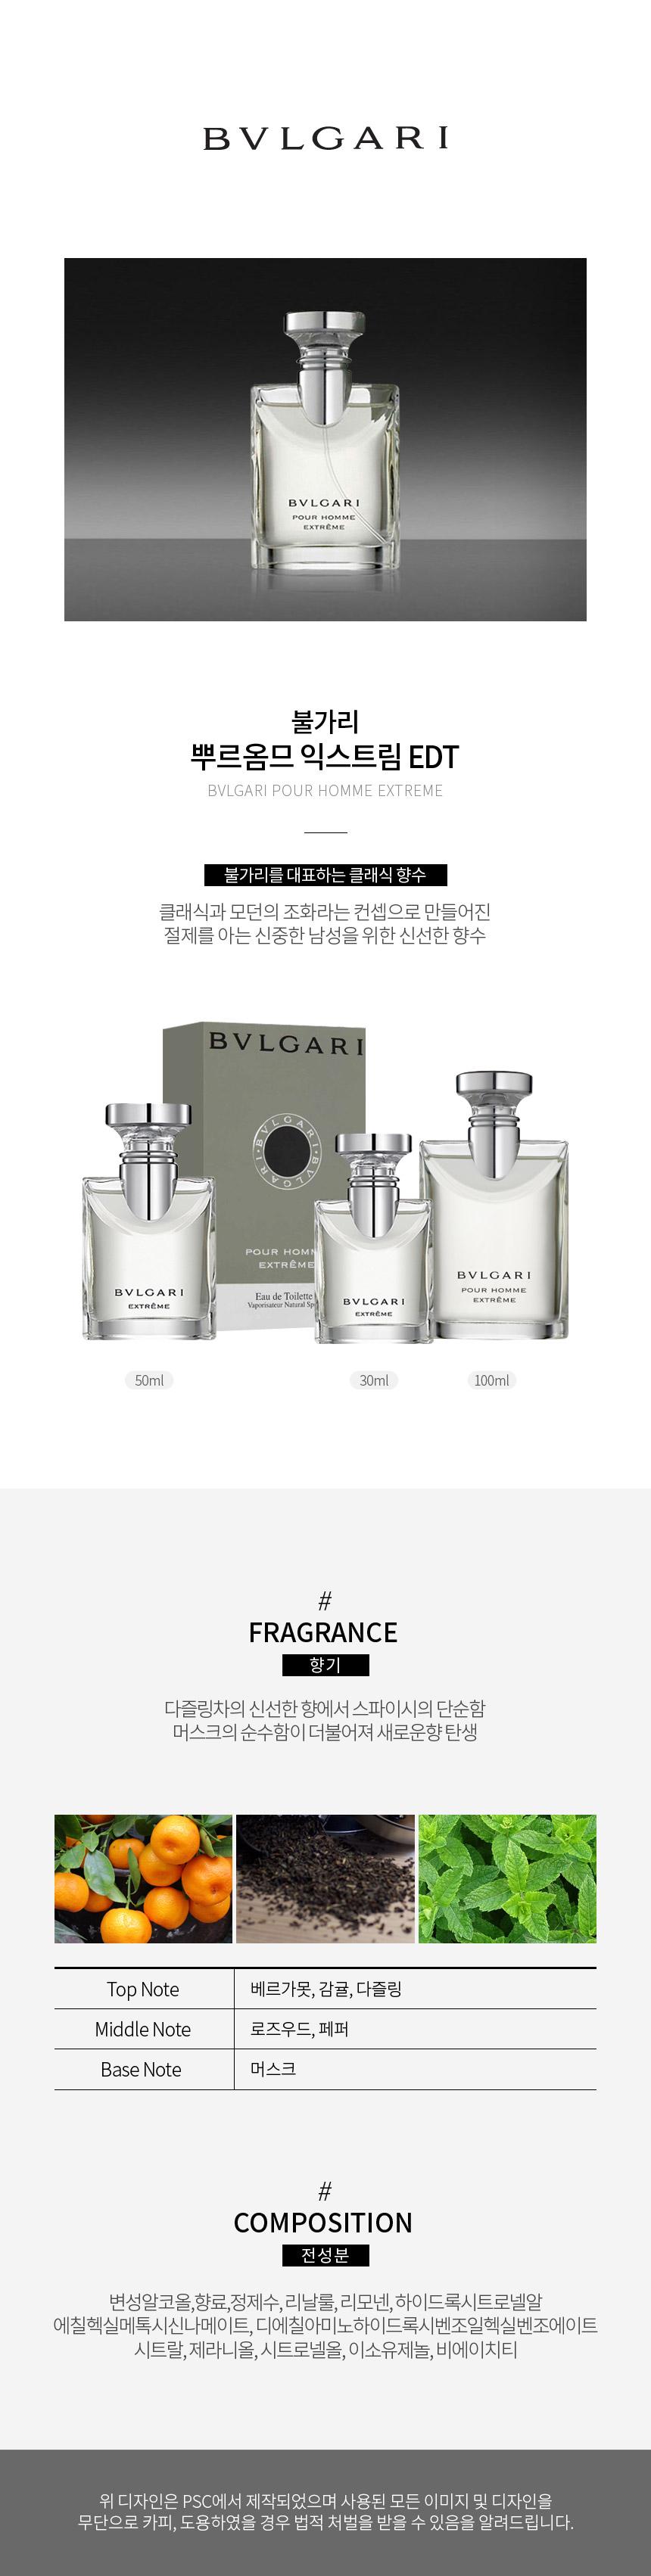 불가리(BVLGARI) [향수] 뿌르옴므 익스트림 EDT 100ml